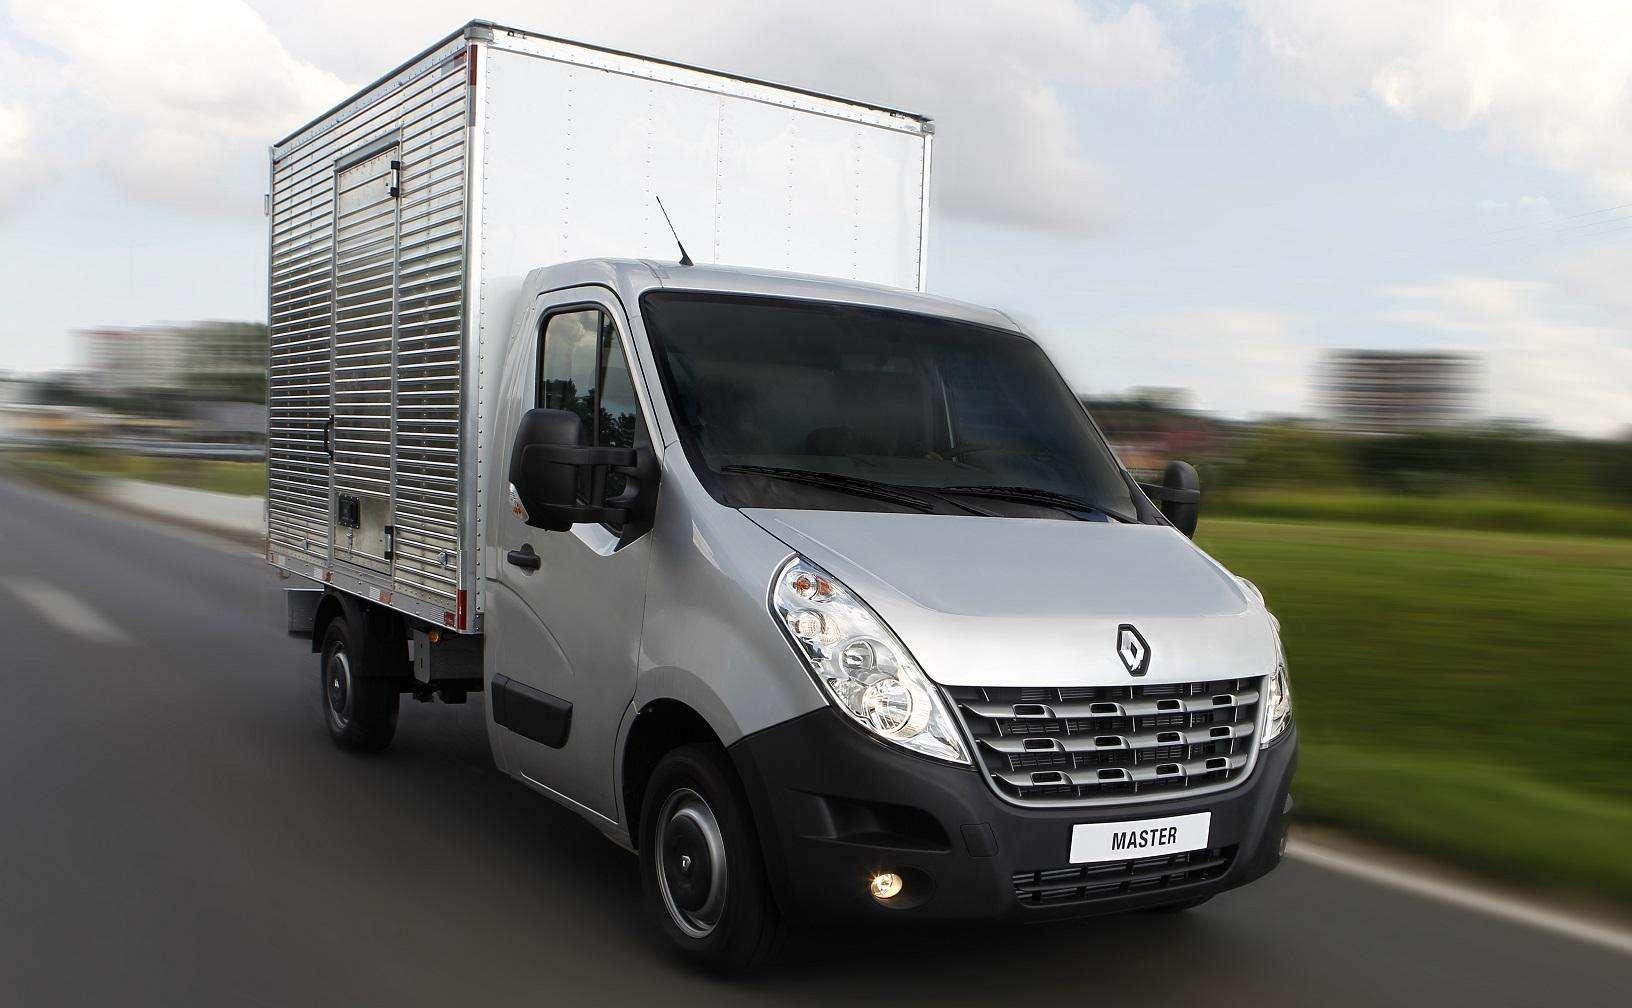 Renault Master vence prêmio de Melhor Valor de Revenda entre veículos de carga